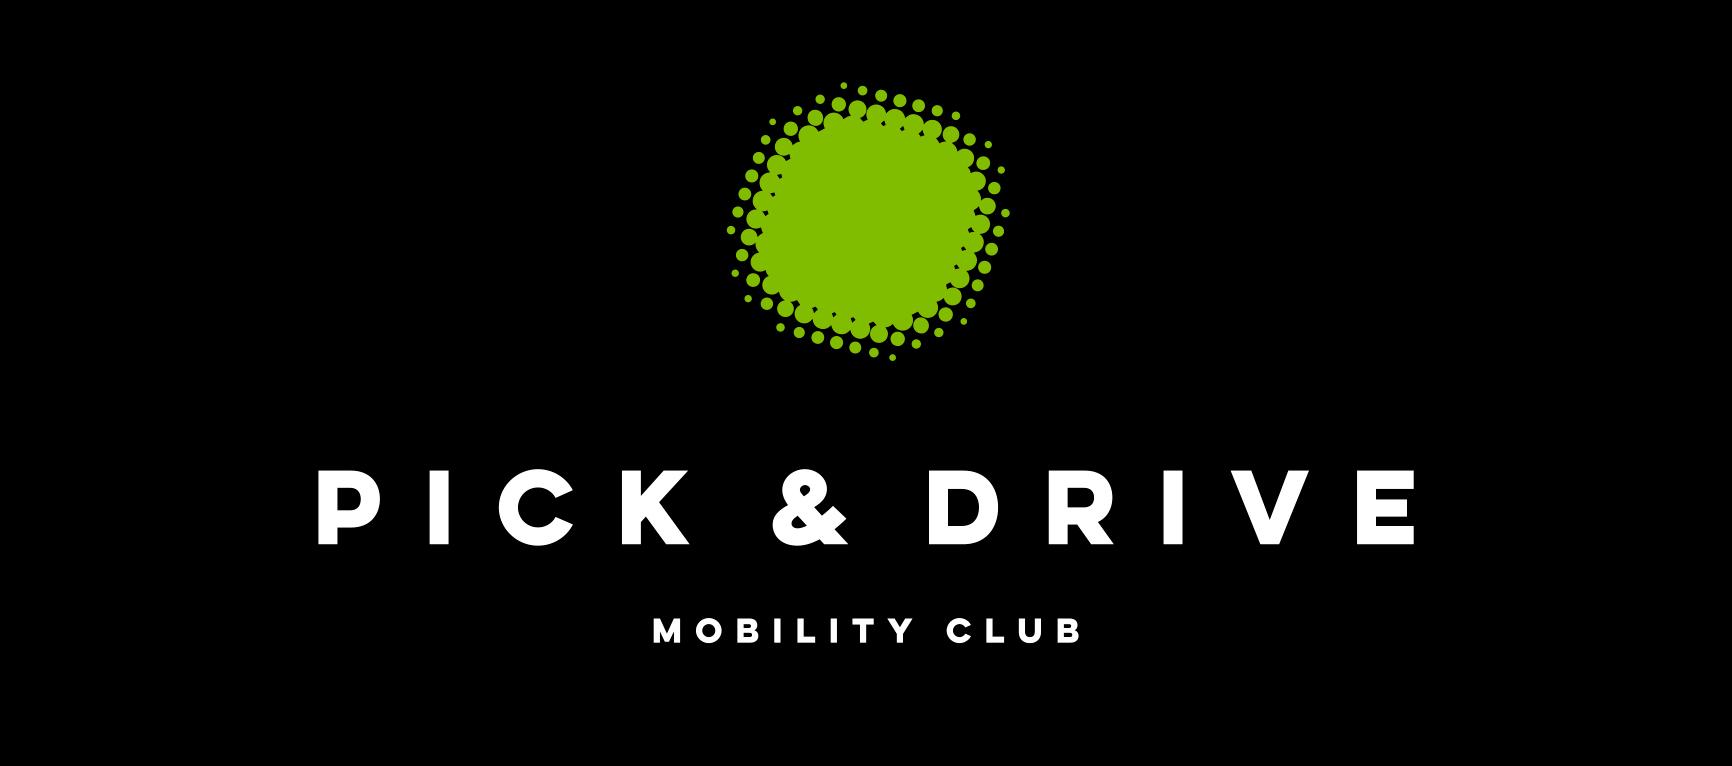 PICK & DRIVE, la nueva fórmula de movilidad compartida y sostenible